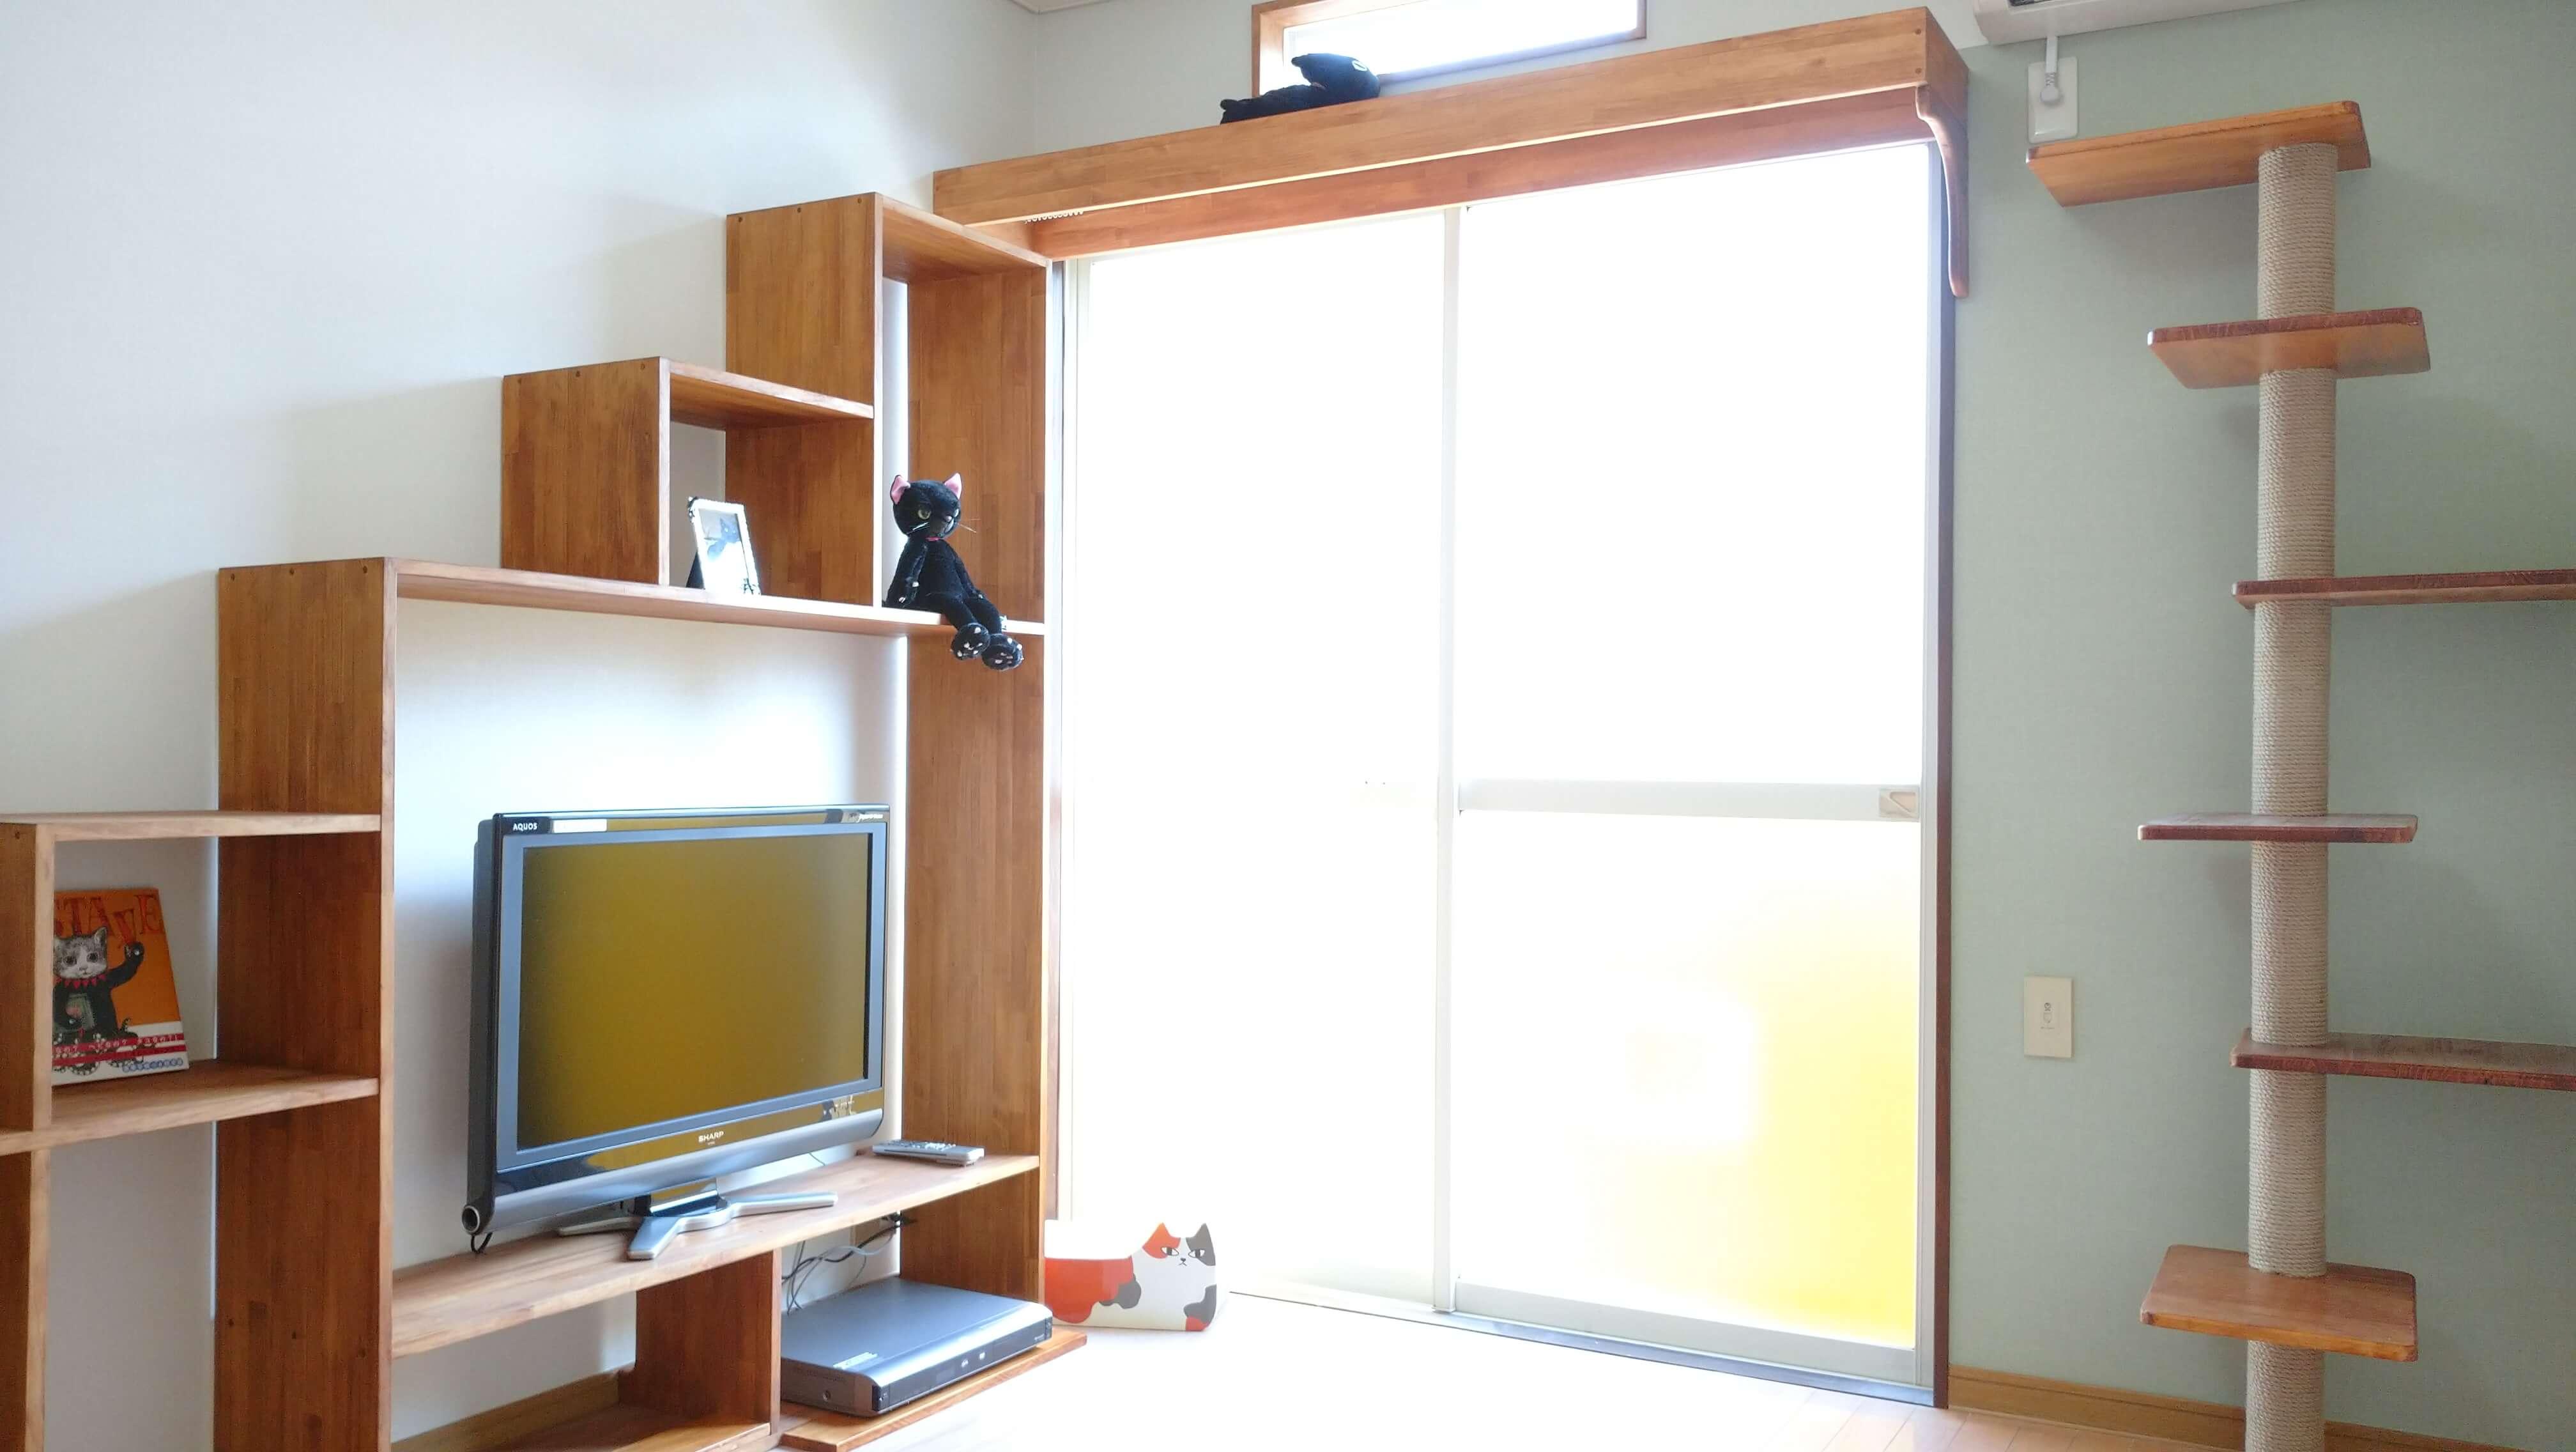 宮城県仙台市泉区より◆猫専用家具付きリノベーション物件出ました♪◆